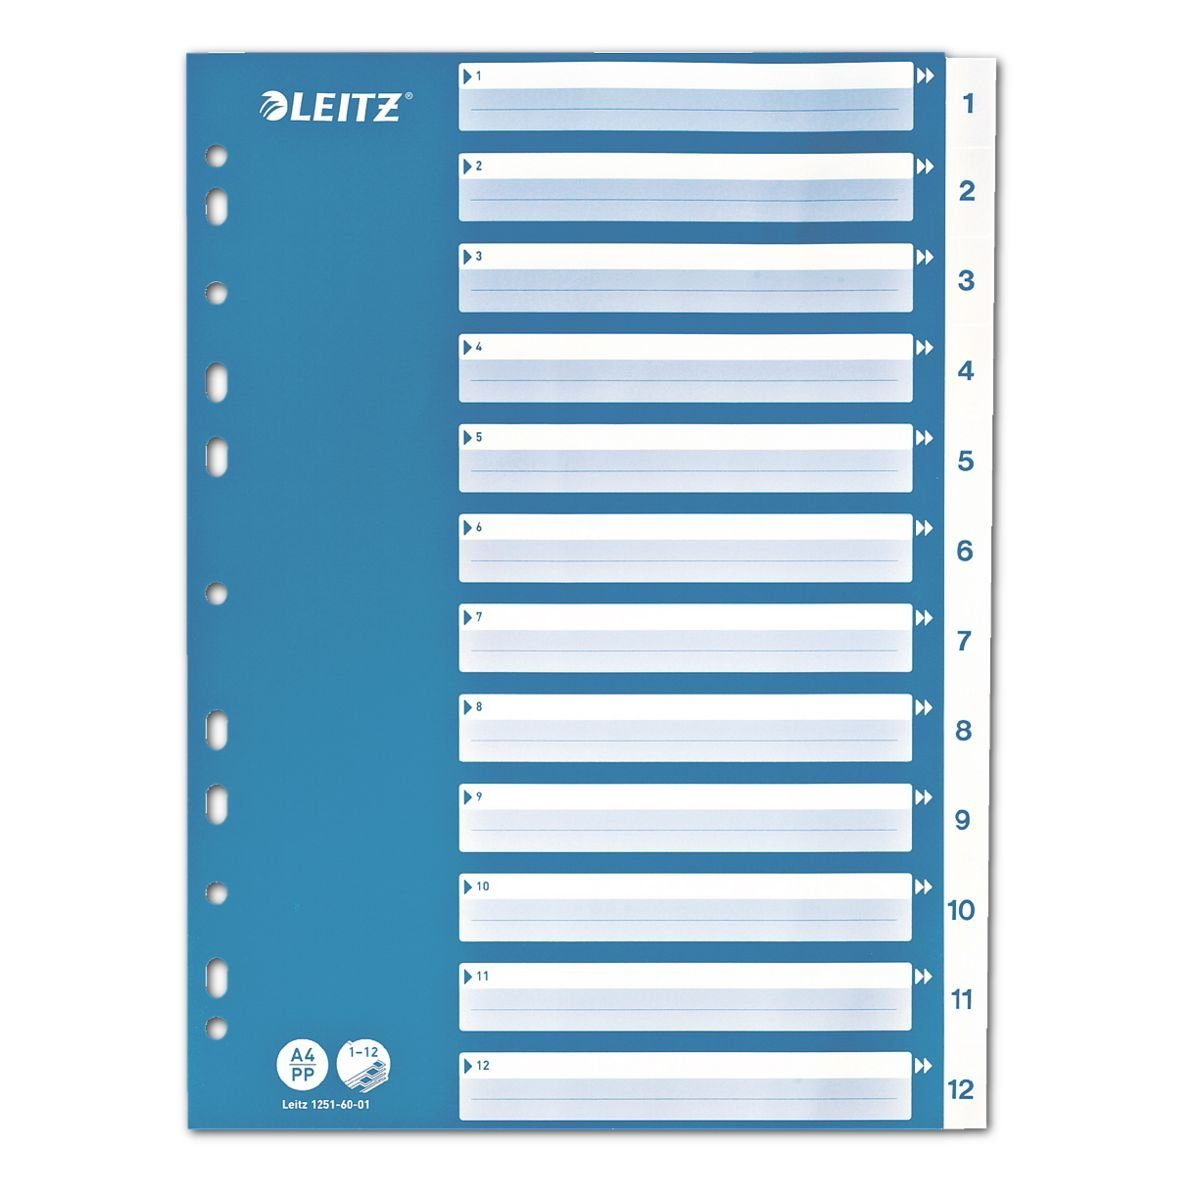 Leitz Kunststoffregister 1-12 A4 »1251«